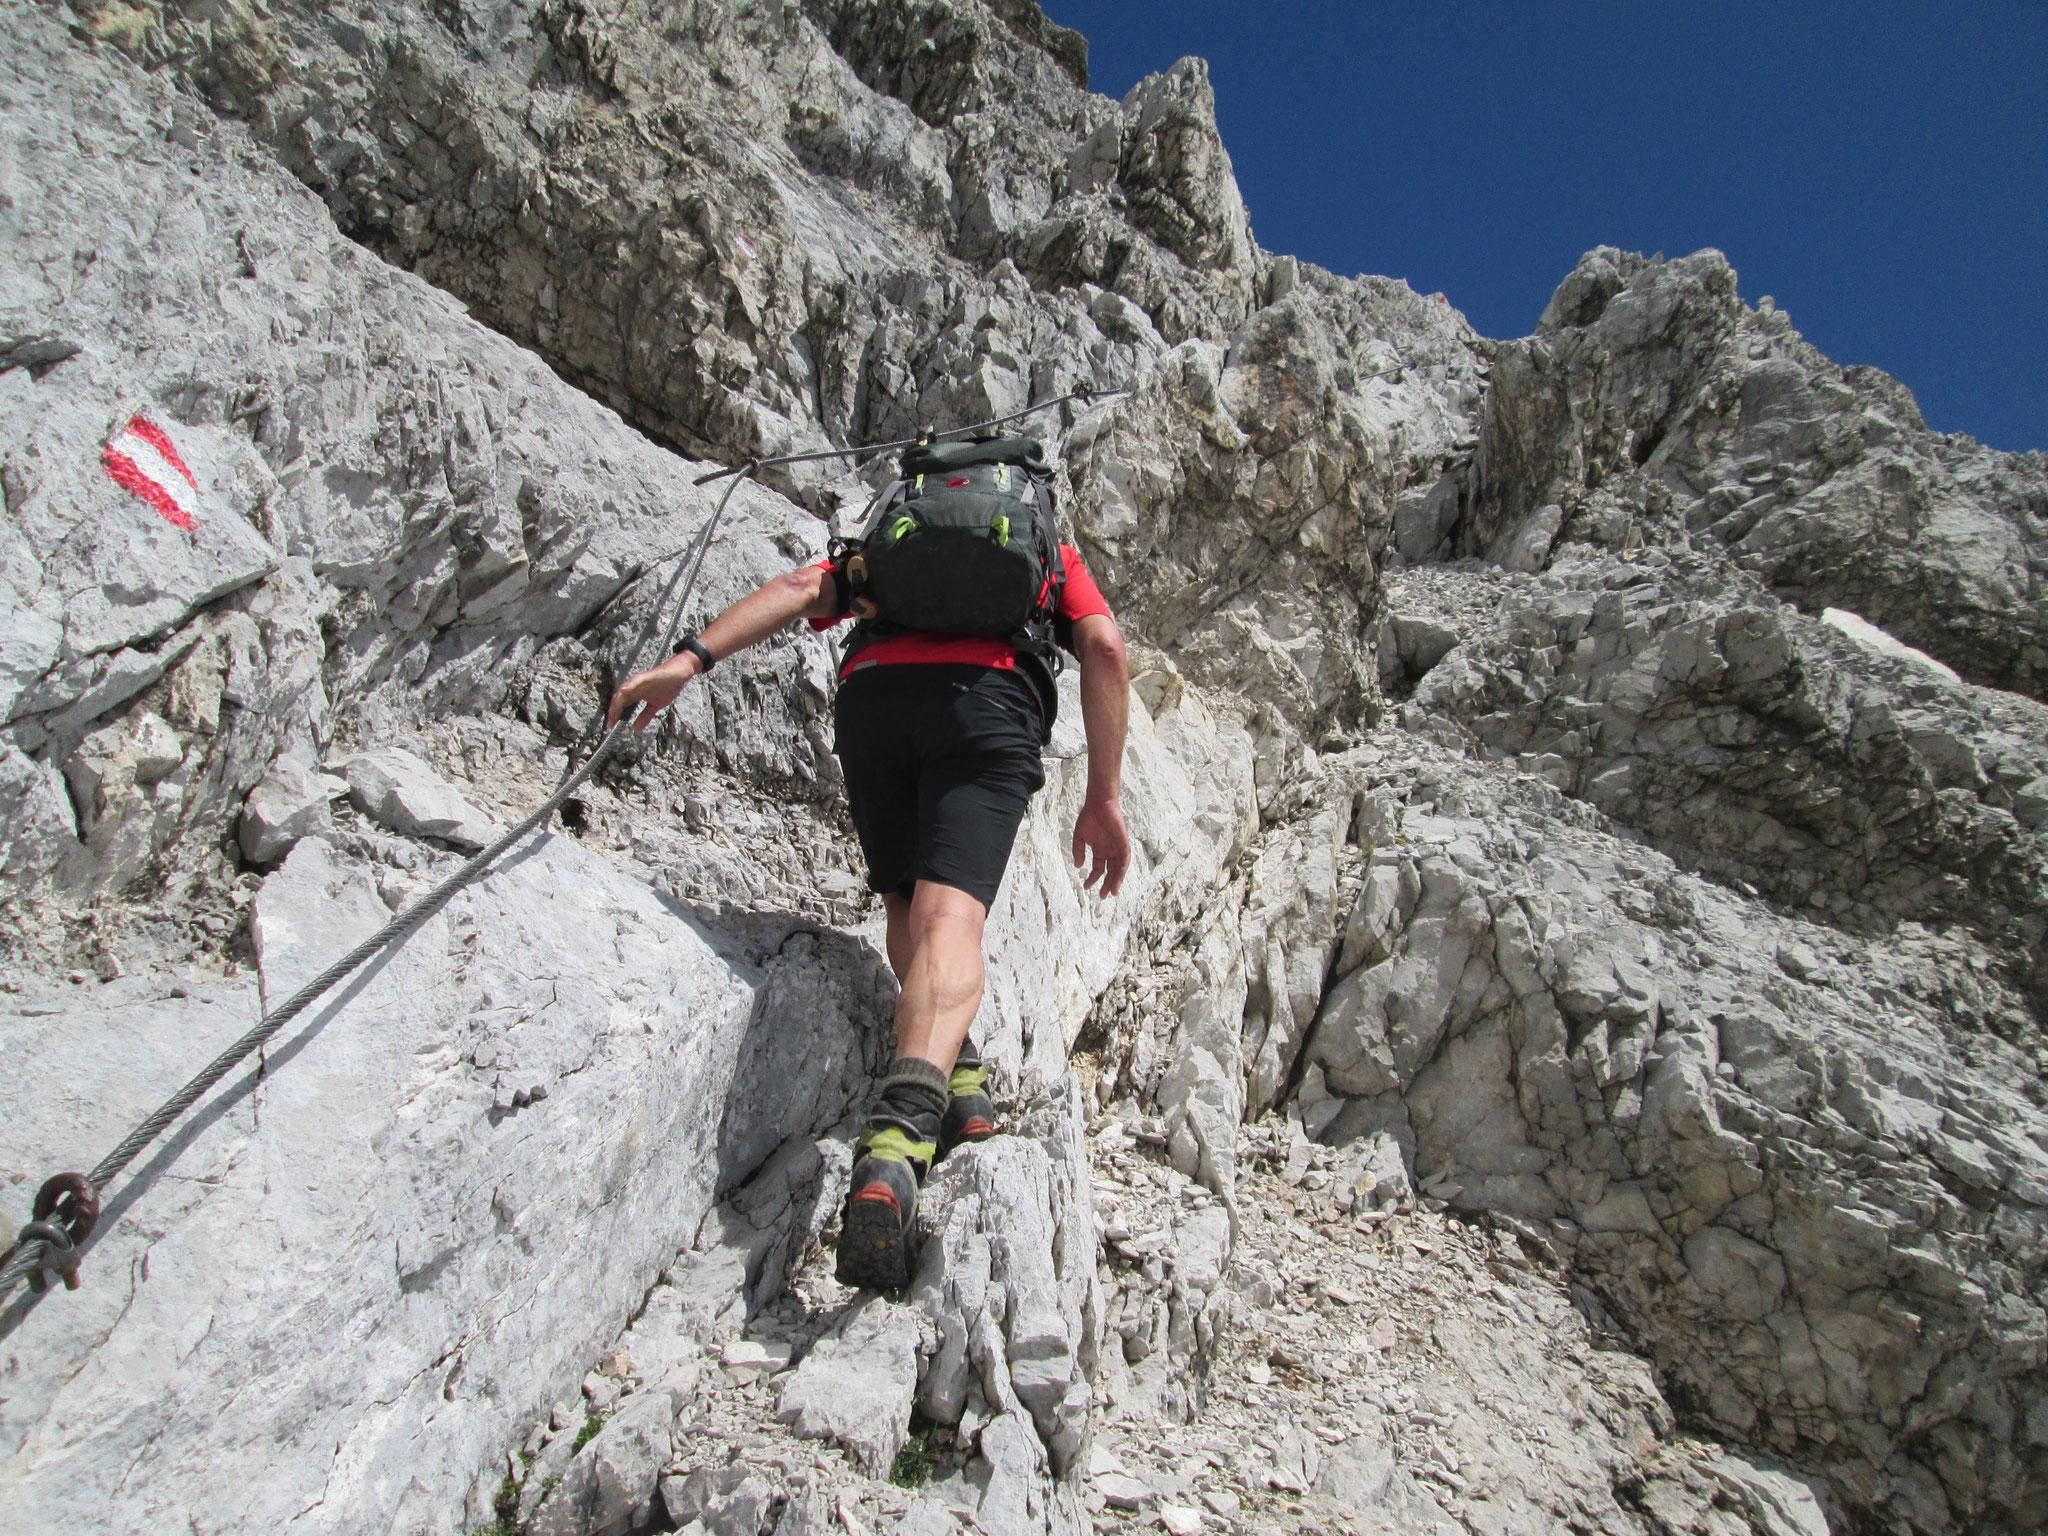 Klettersteig Schwierigkeitsgrad : Drachenwand klettersteig mondsee tourentipp